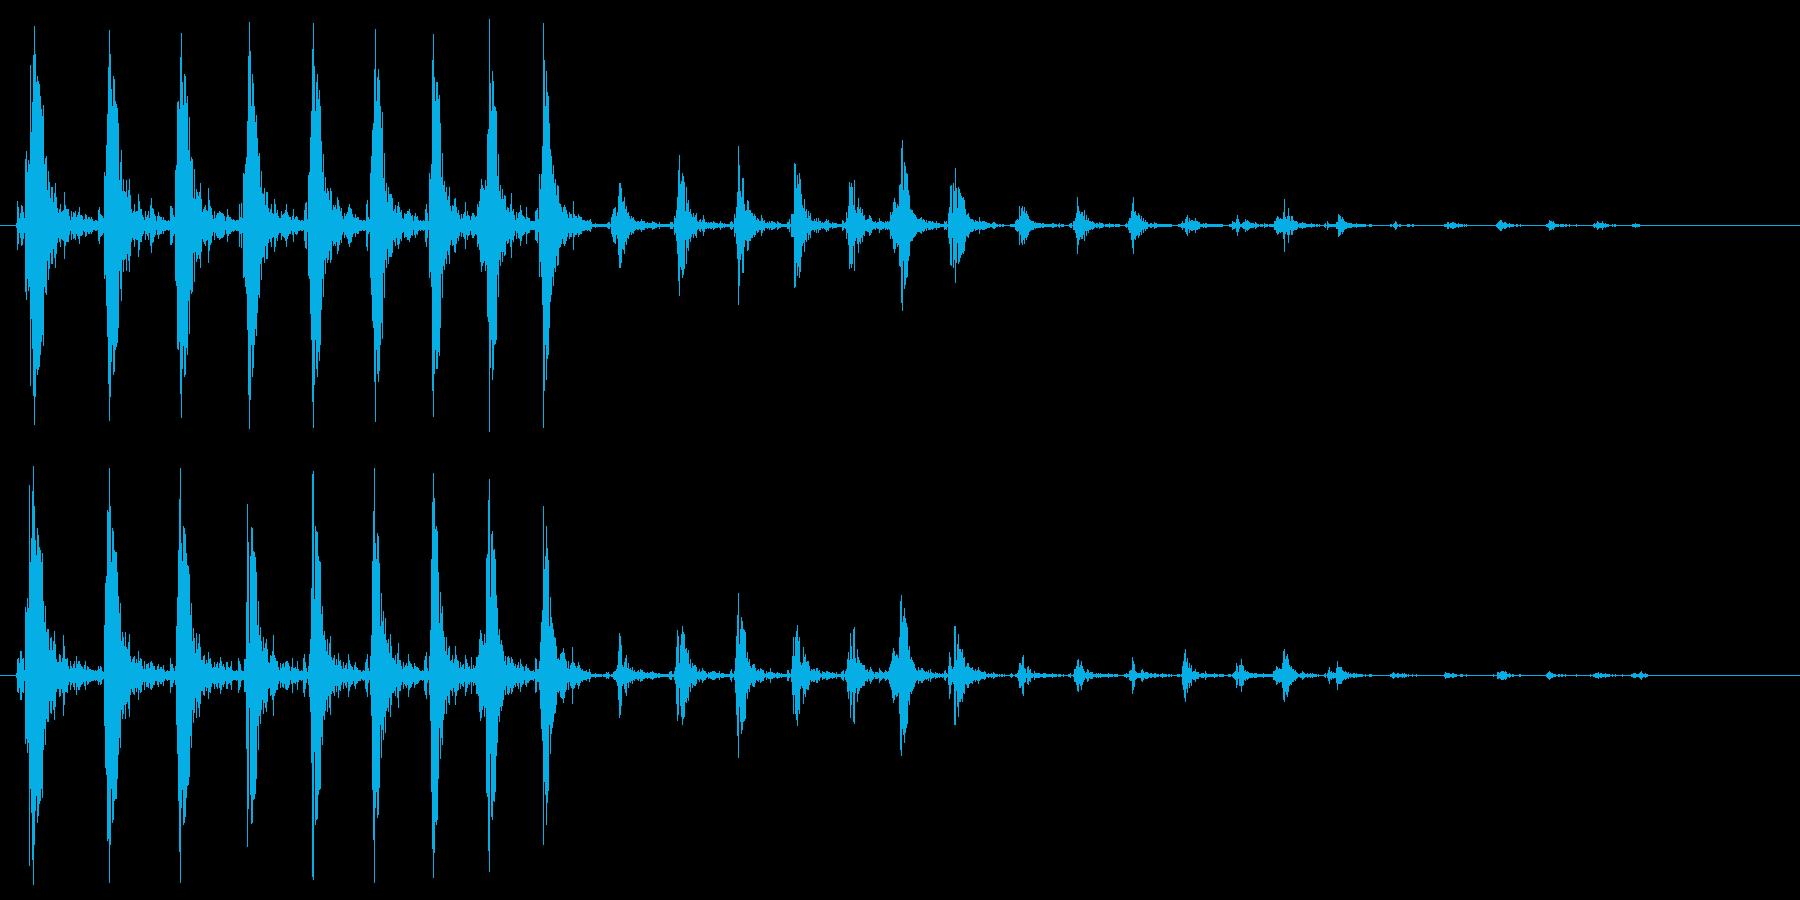 ワープ音、高めのシンセサイザーのループ音の再生済みの波形